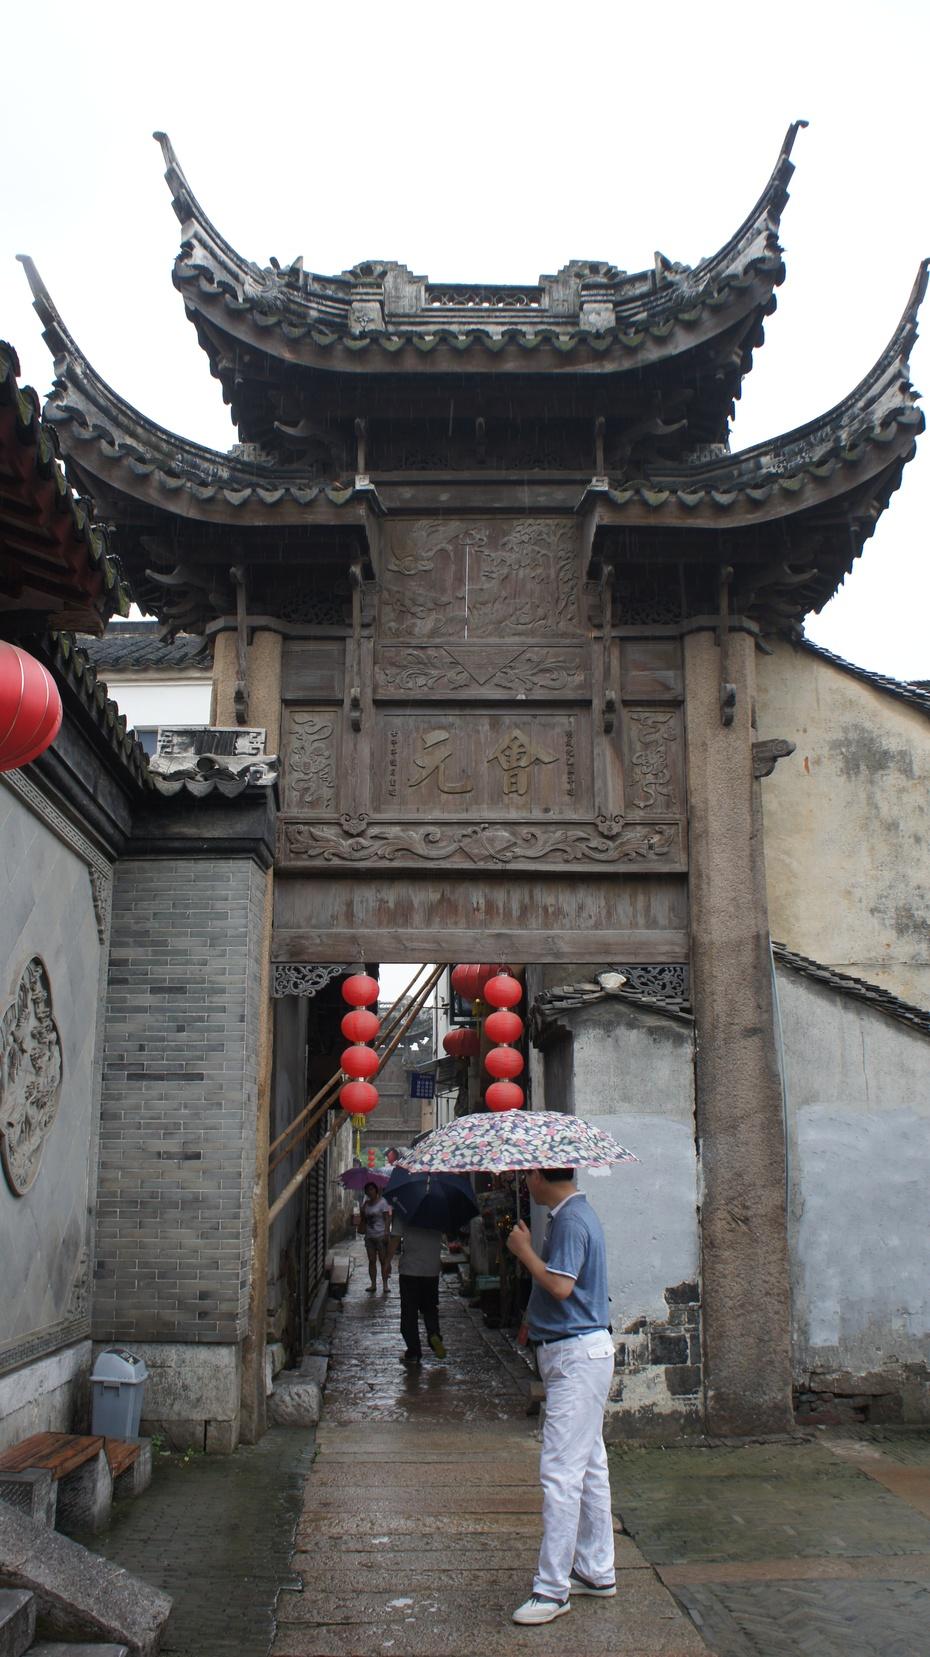 太湖第一古村:苏州东山陆巷古村 - 余昌国 - 我的博客